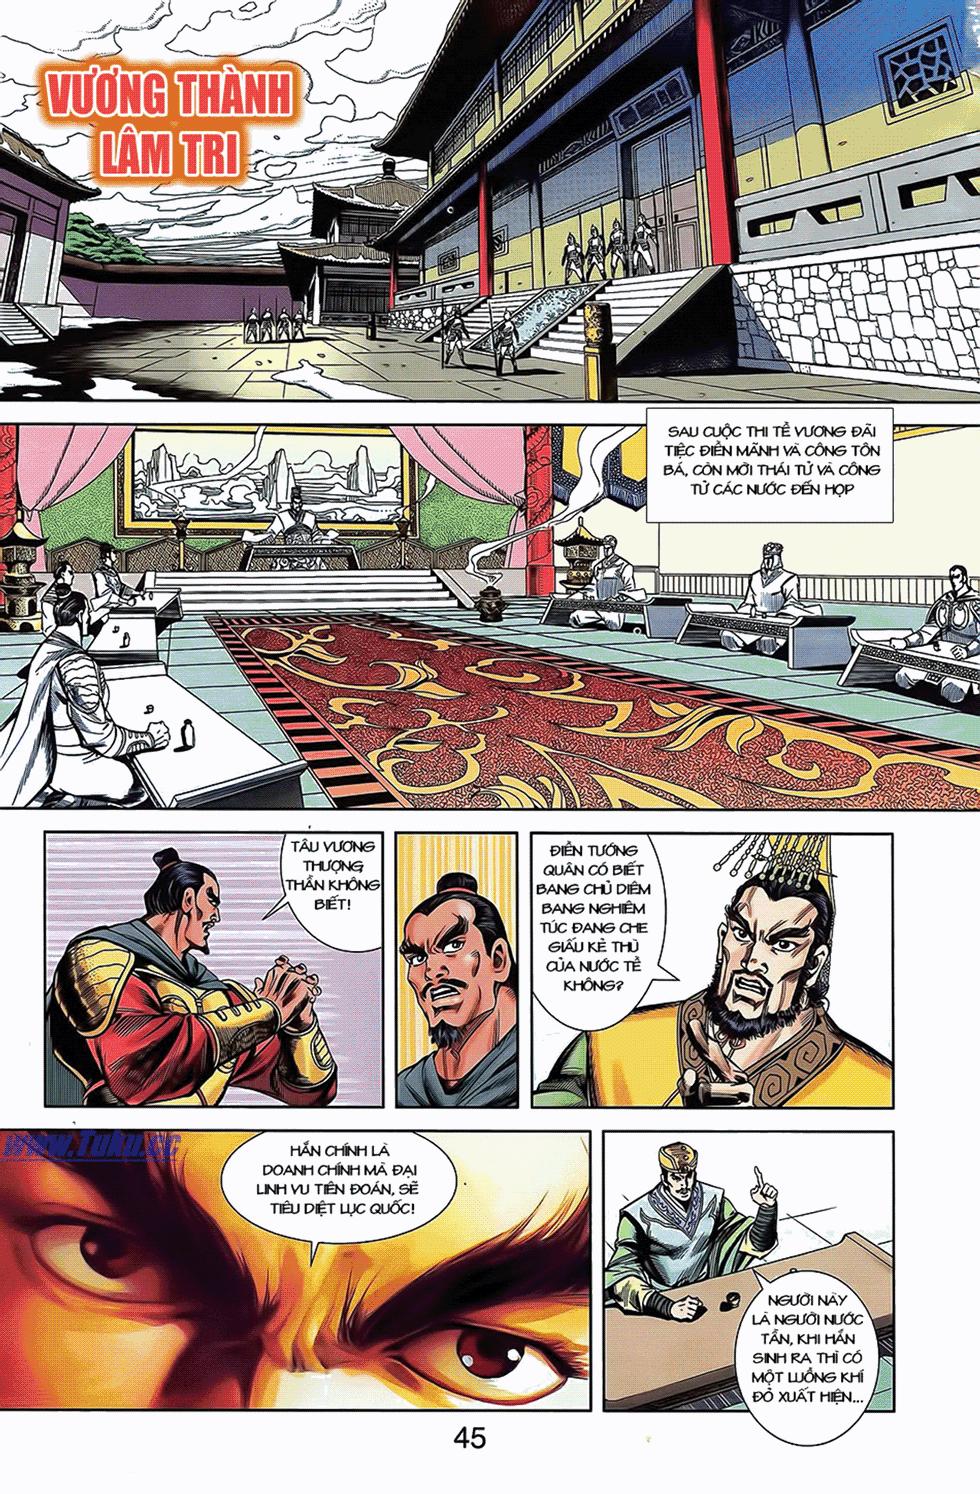 Tần Vương Doanh Chính chapter 7 trang 4